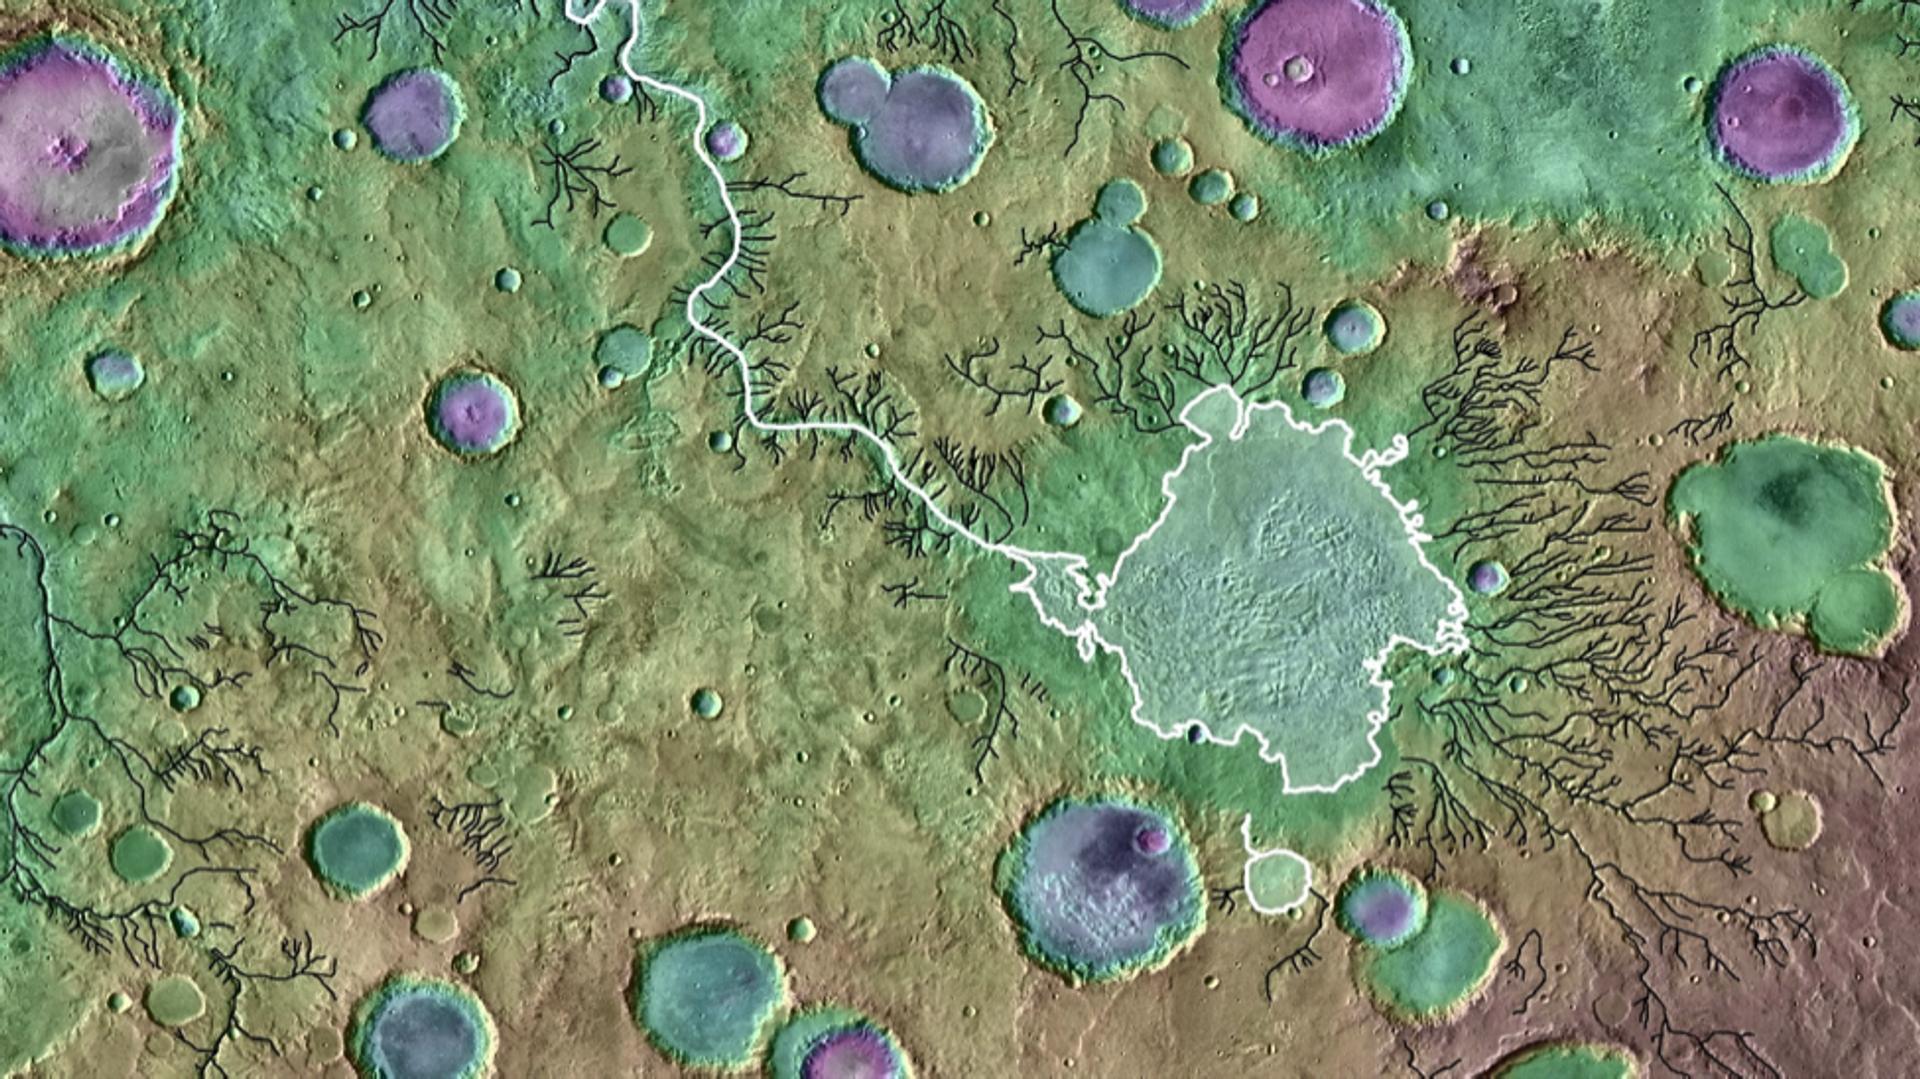 Раскрашенная топографическая карта фрагмента поверхности Марса, полученная с помощью лазерного высотомера космического зонда Mars Orbiter. Белыми линиями обозначены контуры бывших кратерных озер и прорывной каньон, черными - прочие речные долины. Размер изображения - примерно 650 километров в поперечнике - РИА Новости, 1920, 29.09.2021